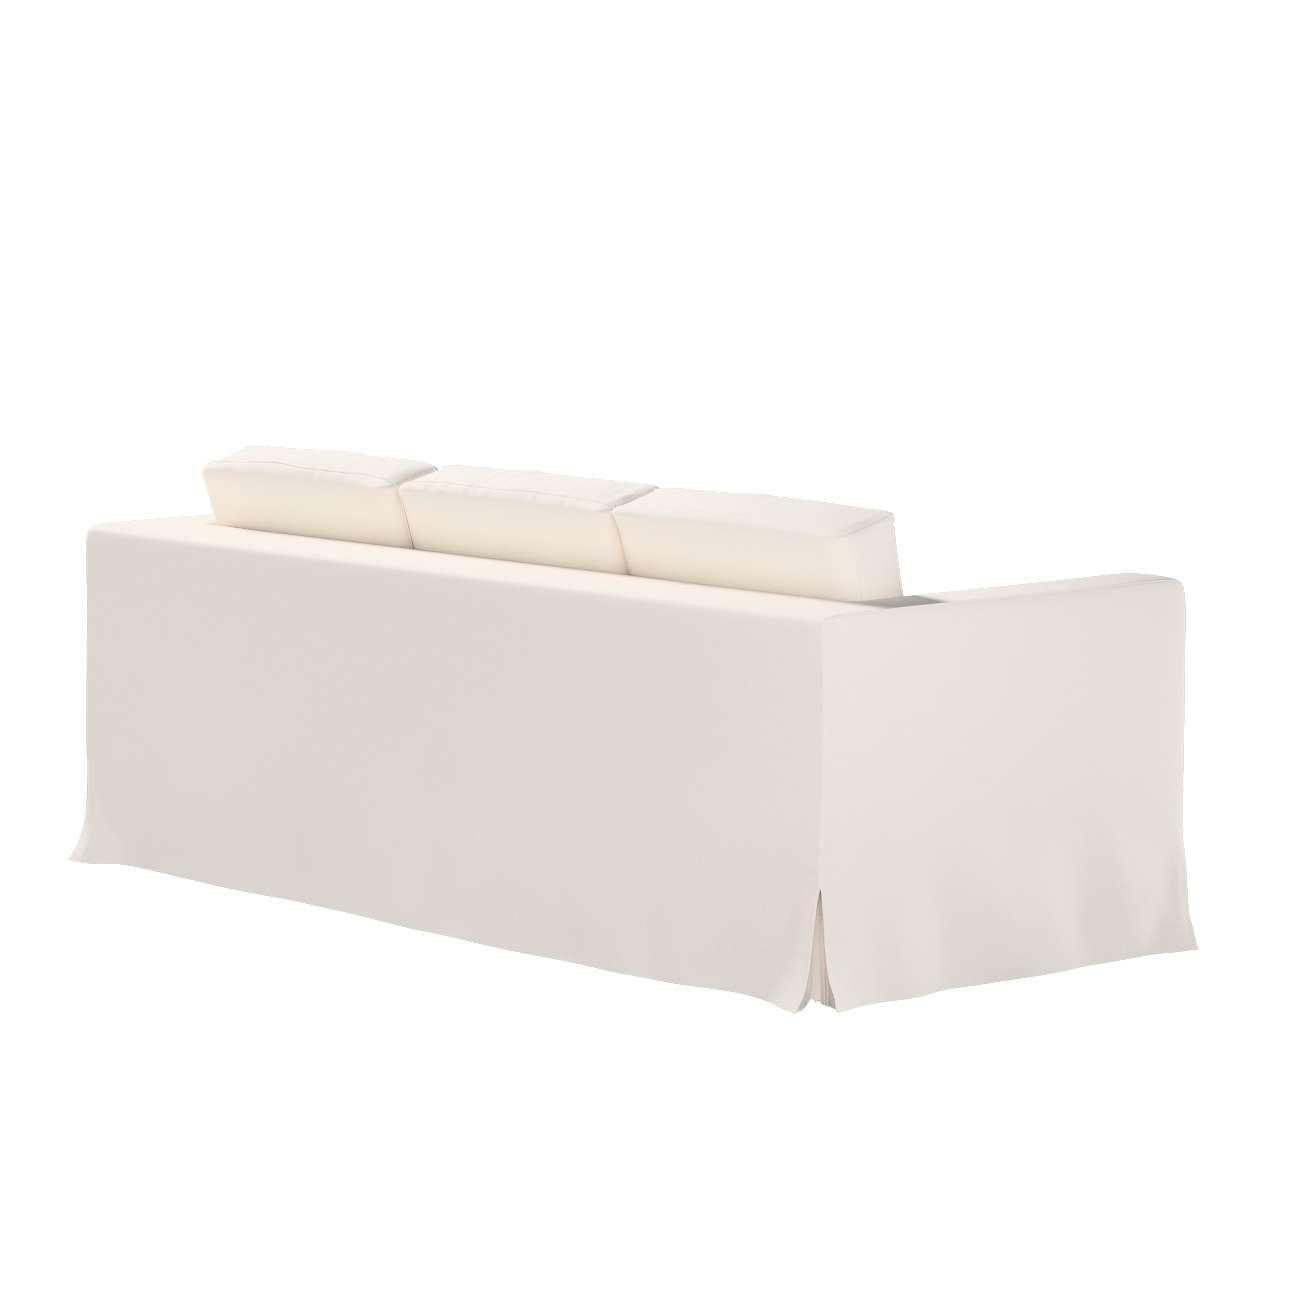 Karlanda klädsel 3-sits soffa - lång i kollektionen Etna, Tyg: 705-01